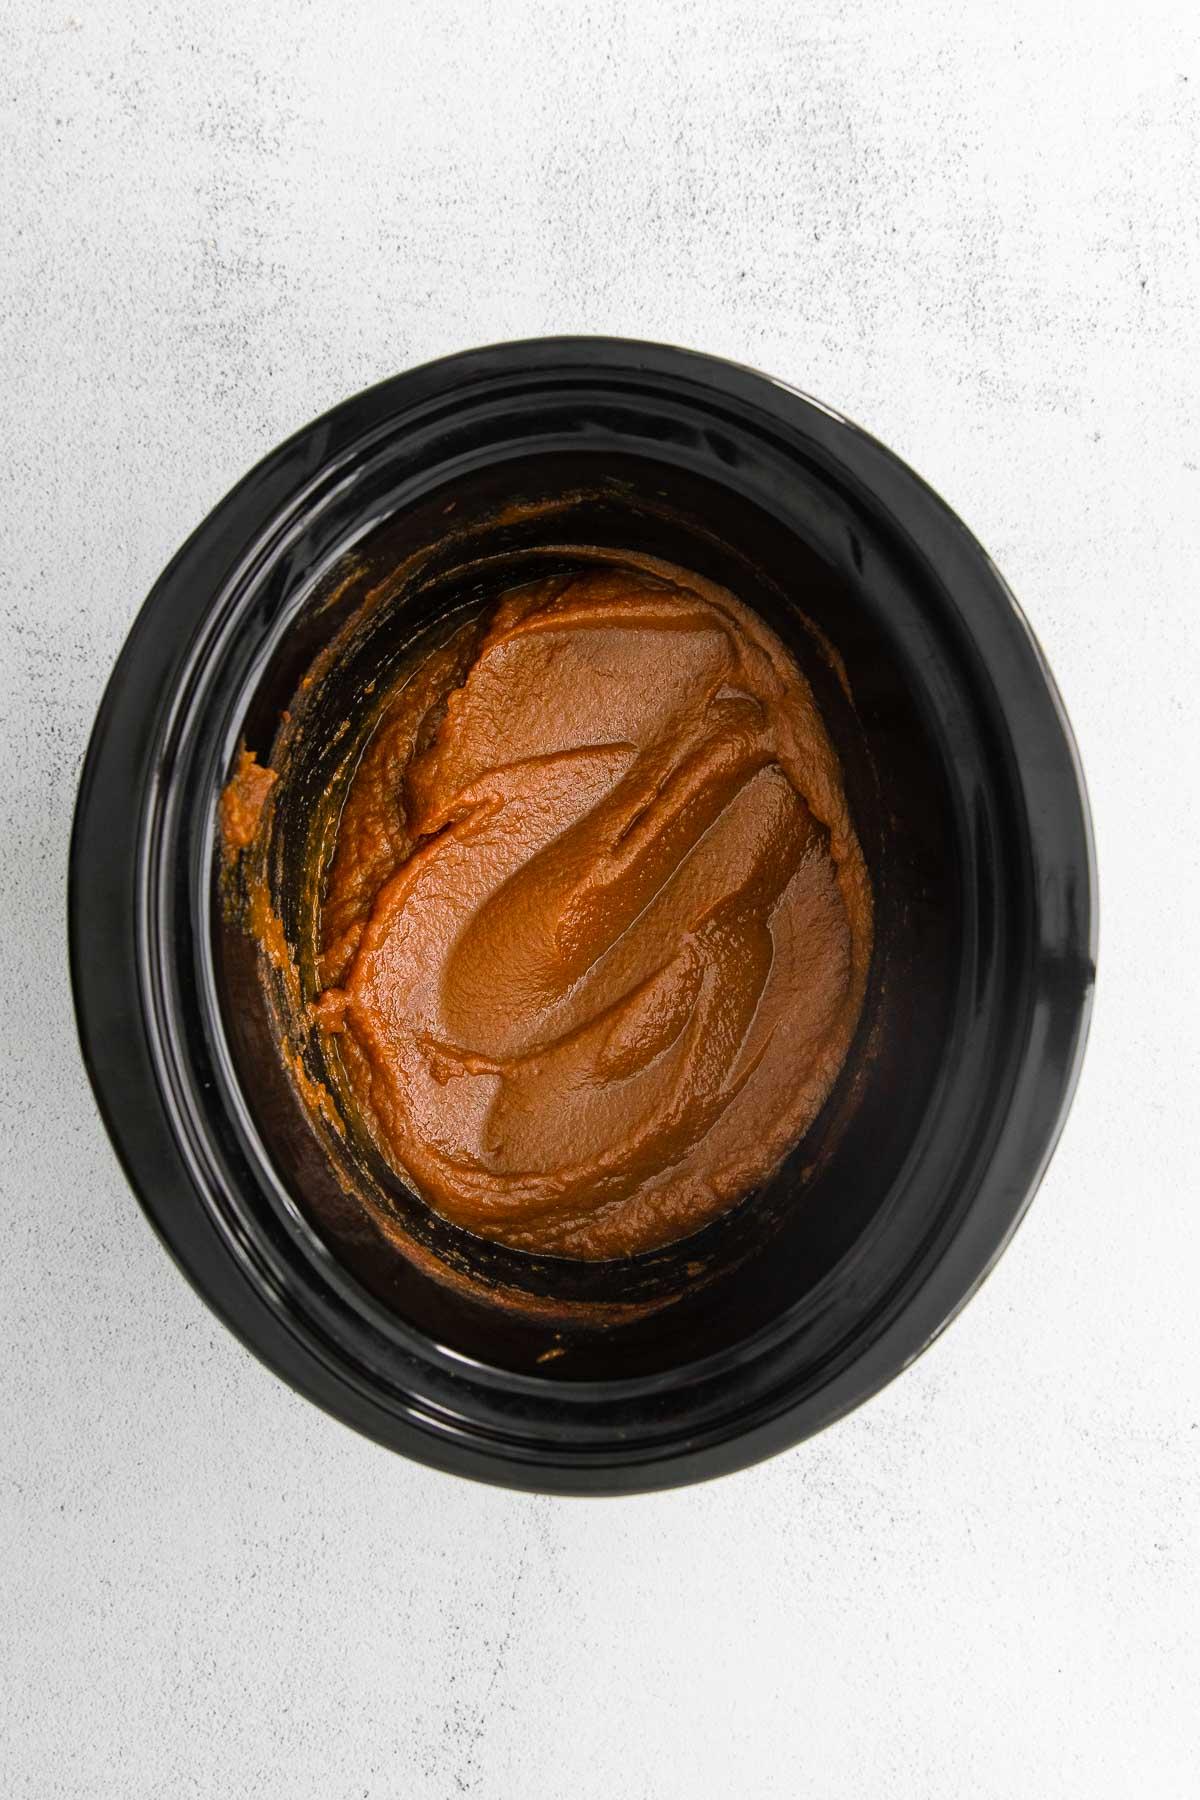 black slow cooker with homemade pumpkin butter inside